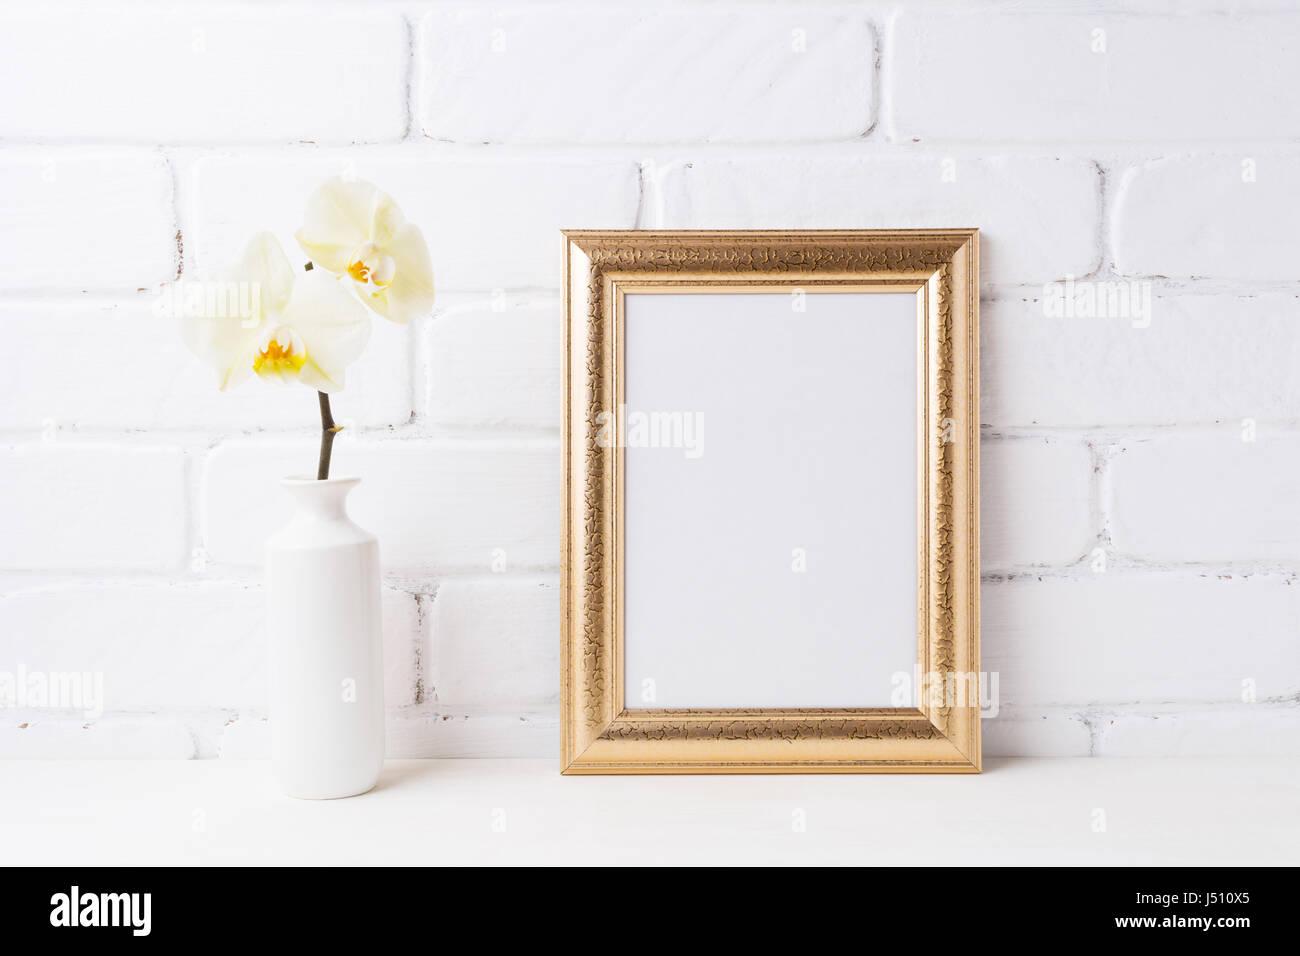 Goldrahmen Mockup mit weiche gelbe Orchidee in Vase. Leere Rahmen ...